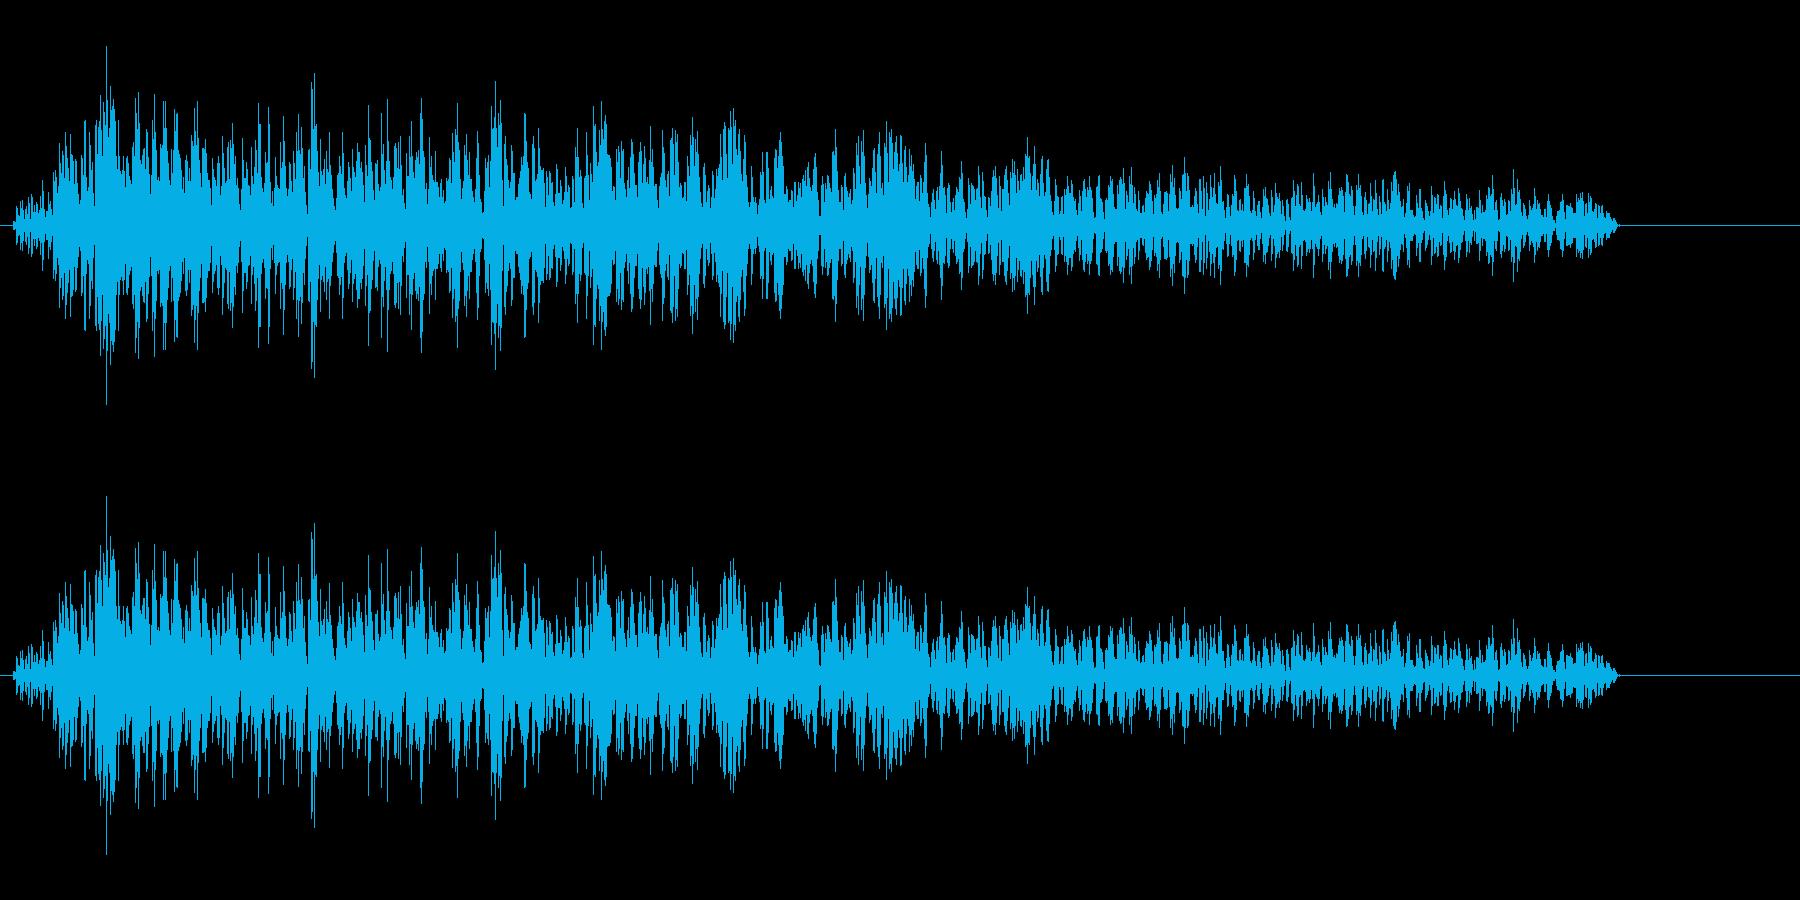 ゾンビの叫び声(ウオー)の再生済みの波形